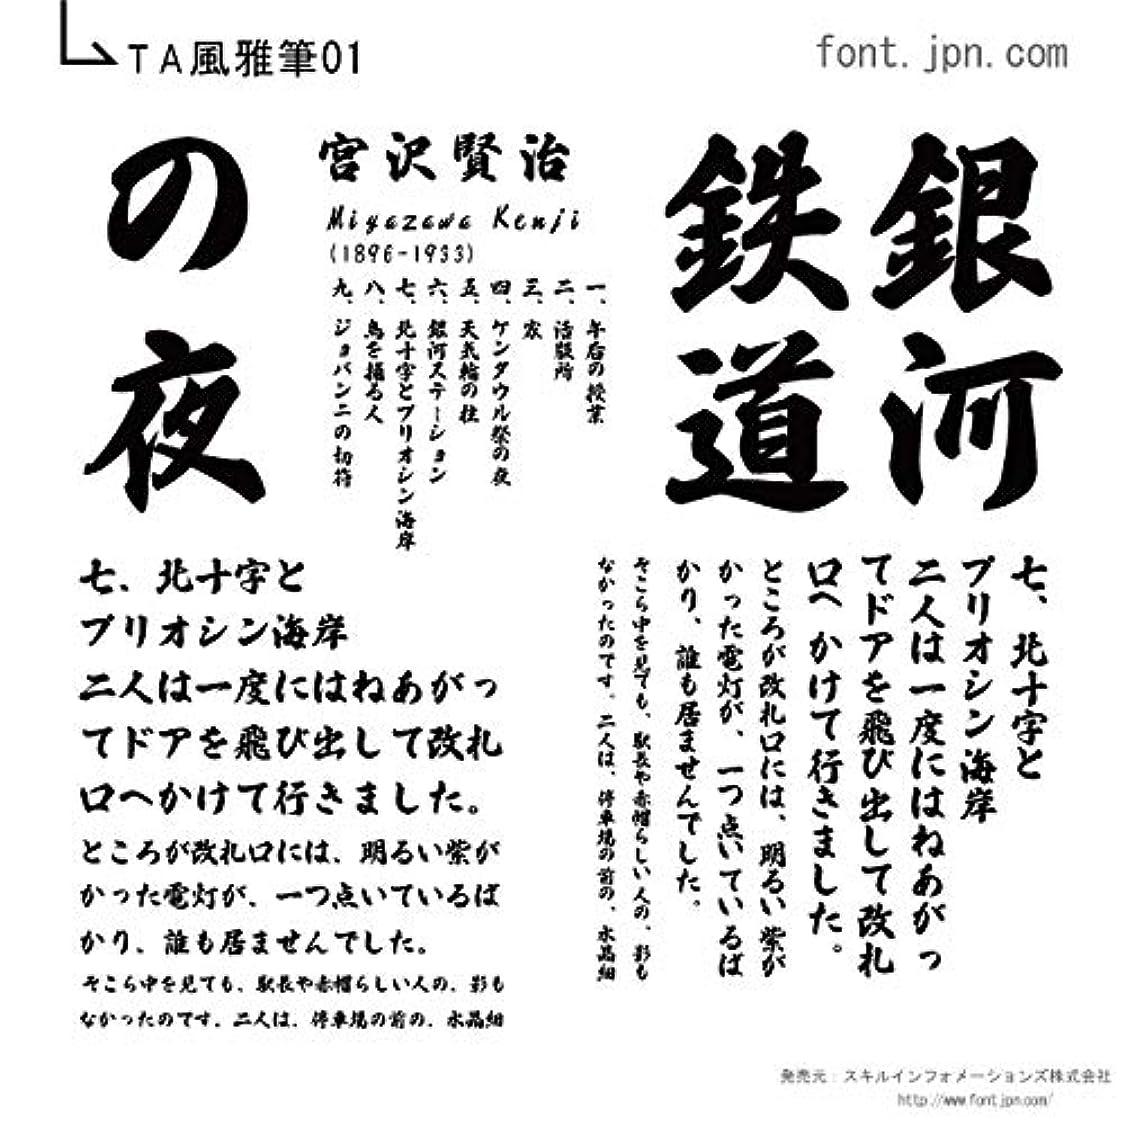 地元時代遅れソファーTA風雅筆01 (TA_fuga_fude_01_m)|ダウンロード版